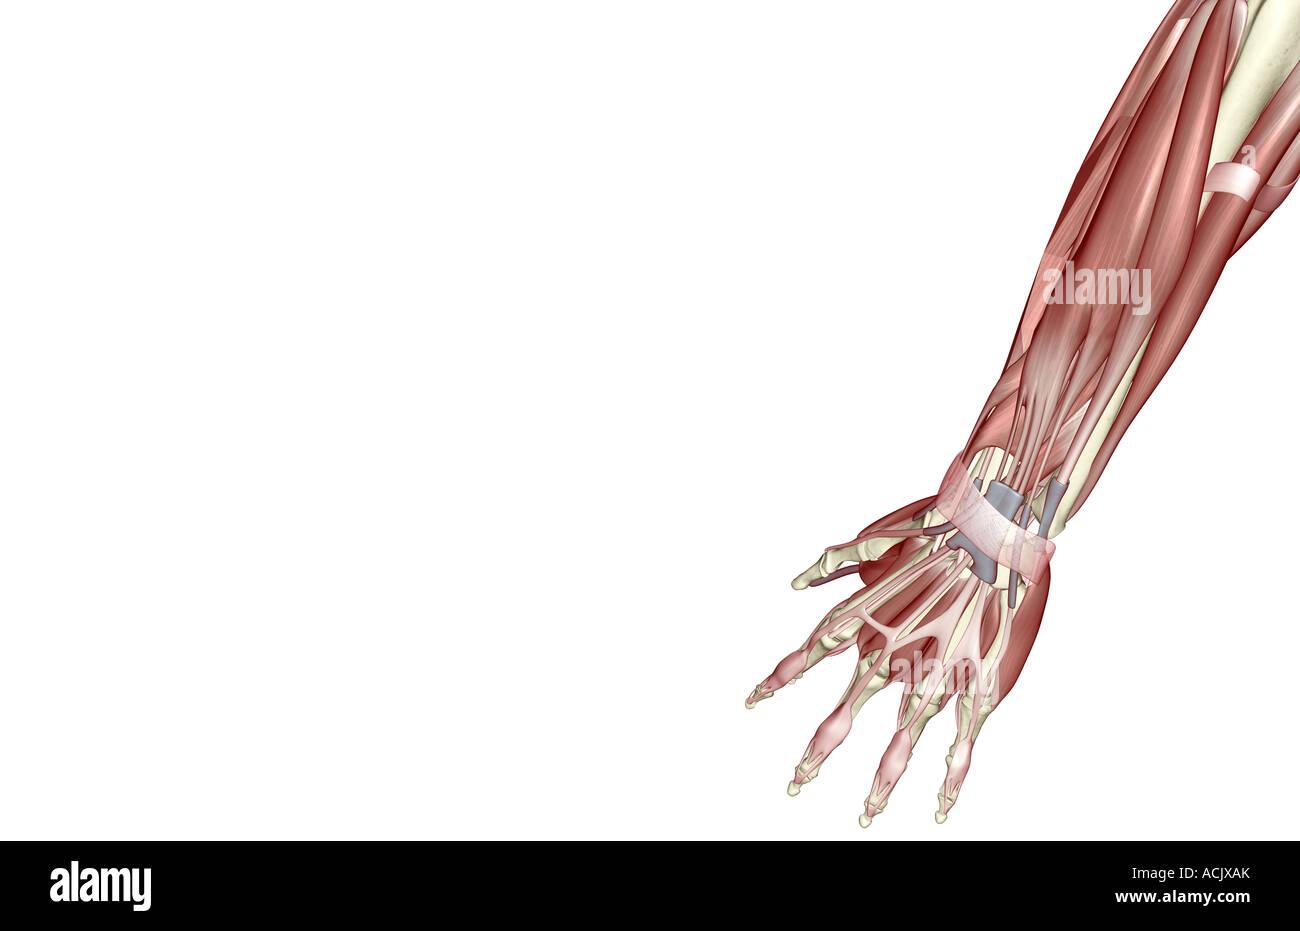 Ausgezeichnet Muskeln Von Arm Und Unterarm Bilder - Menschliche ...